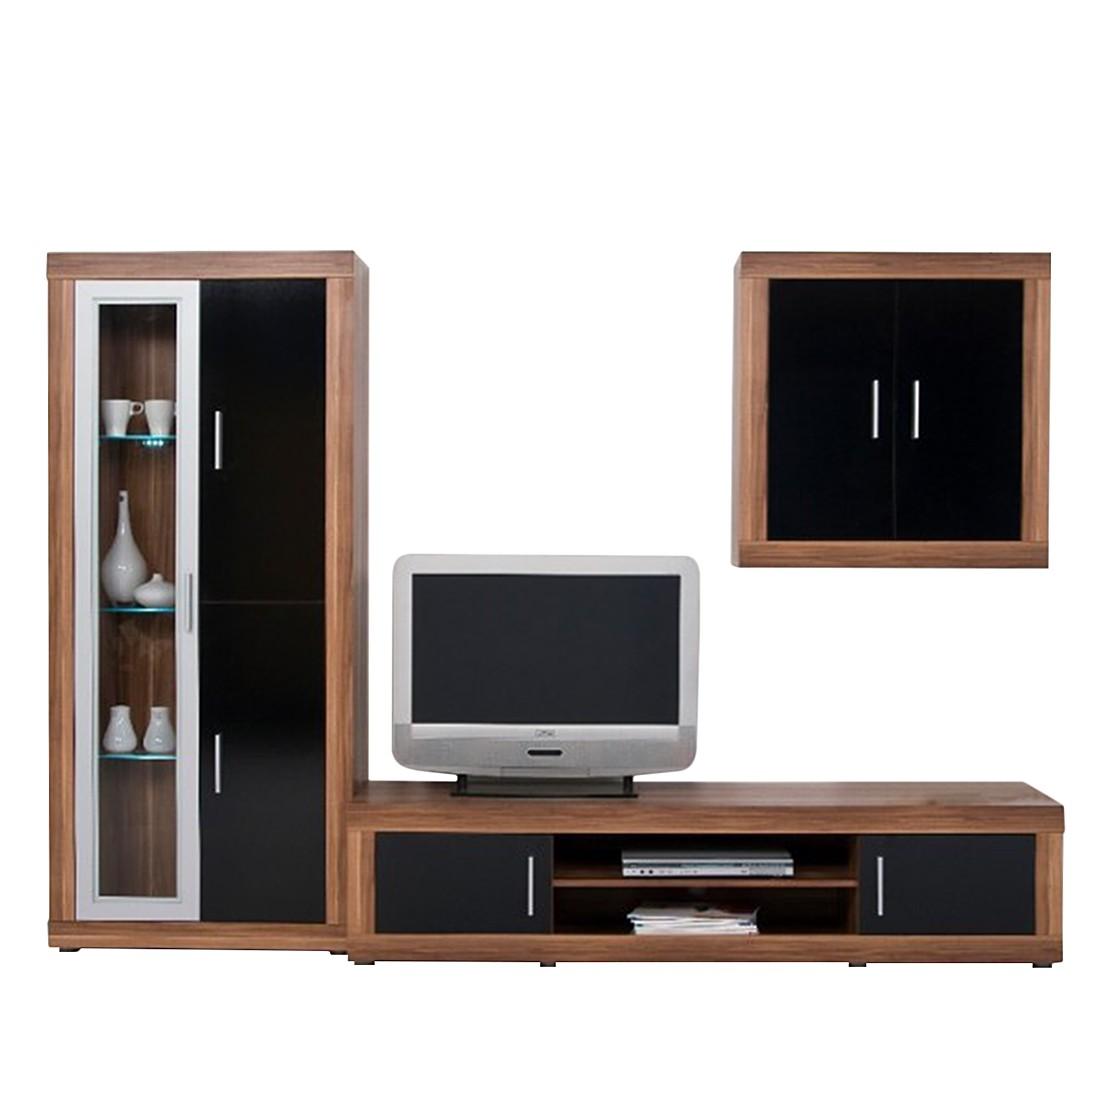 wohnwand leo gro schwarz wei ohne beleuchtung k nigstein bestellen. Black Bedroom Furniture Sets. Home Design Ideas